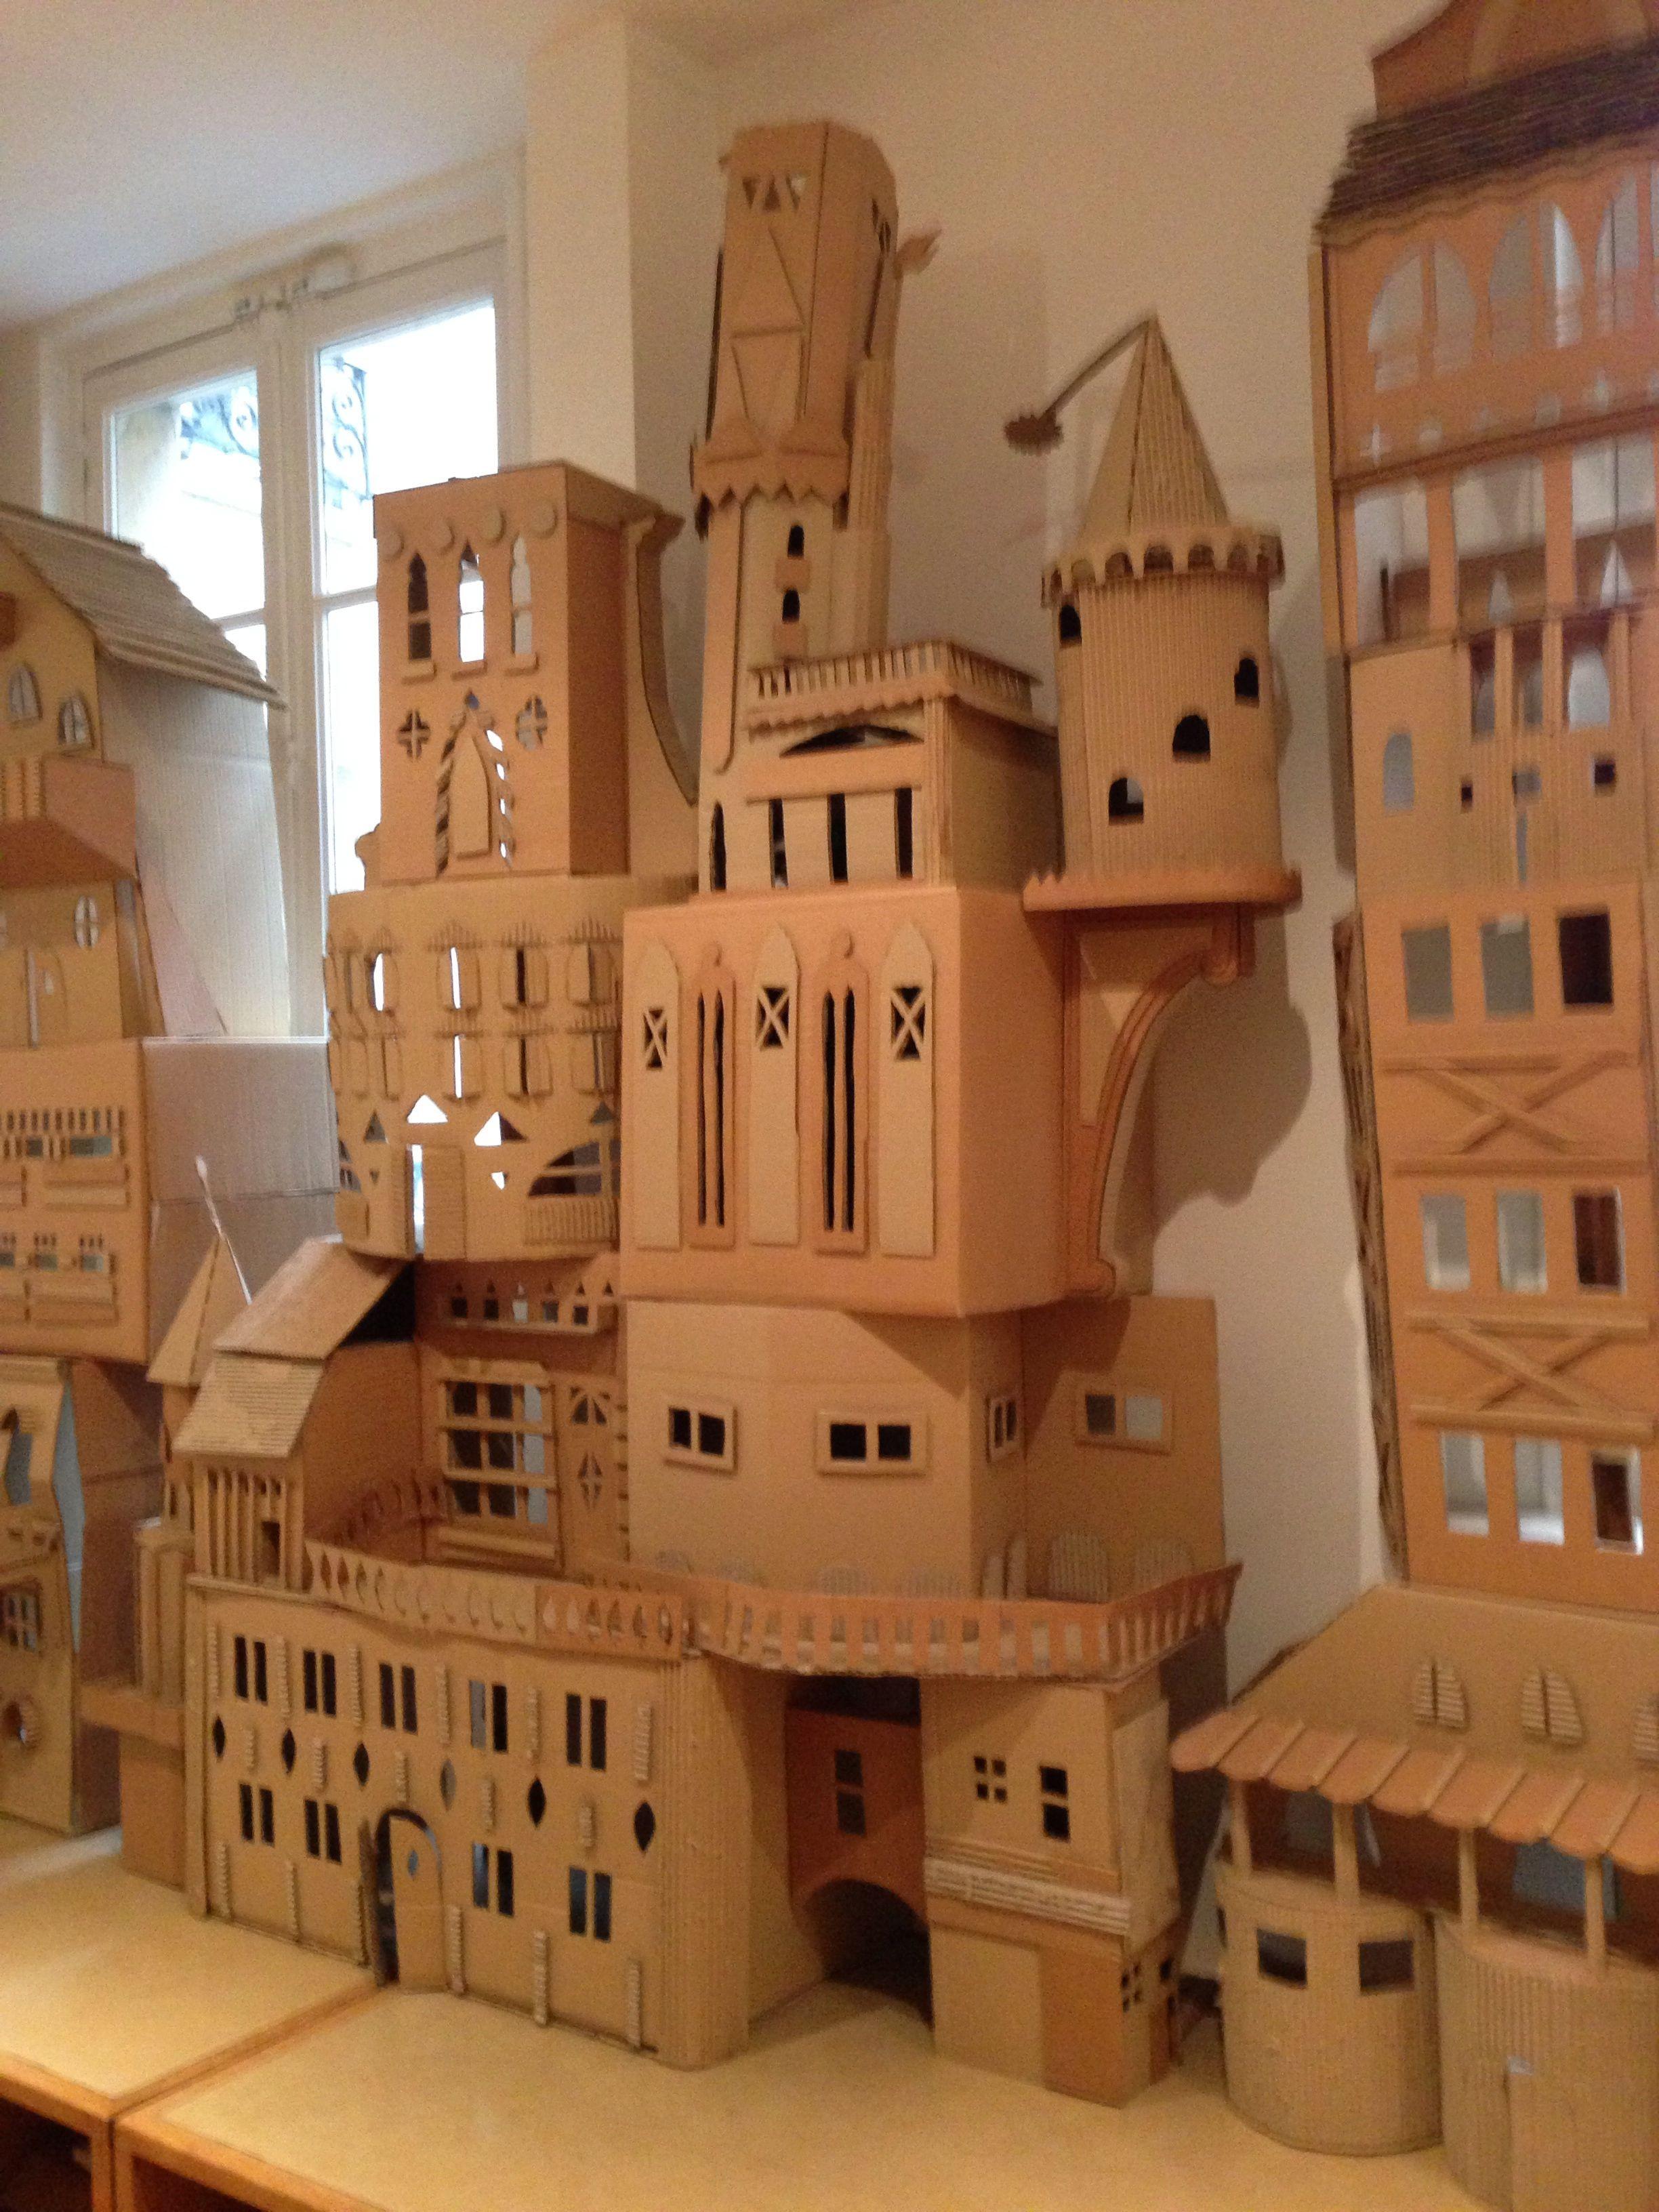 Papercraft Castle Cardboard Castle Paris ФайРы дРя вырезания Pinterest